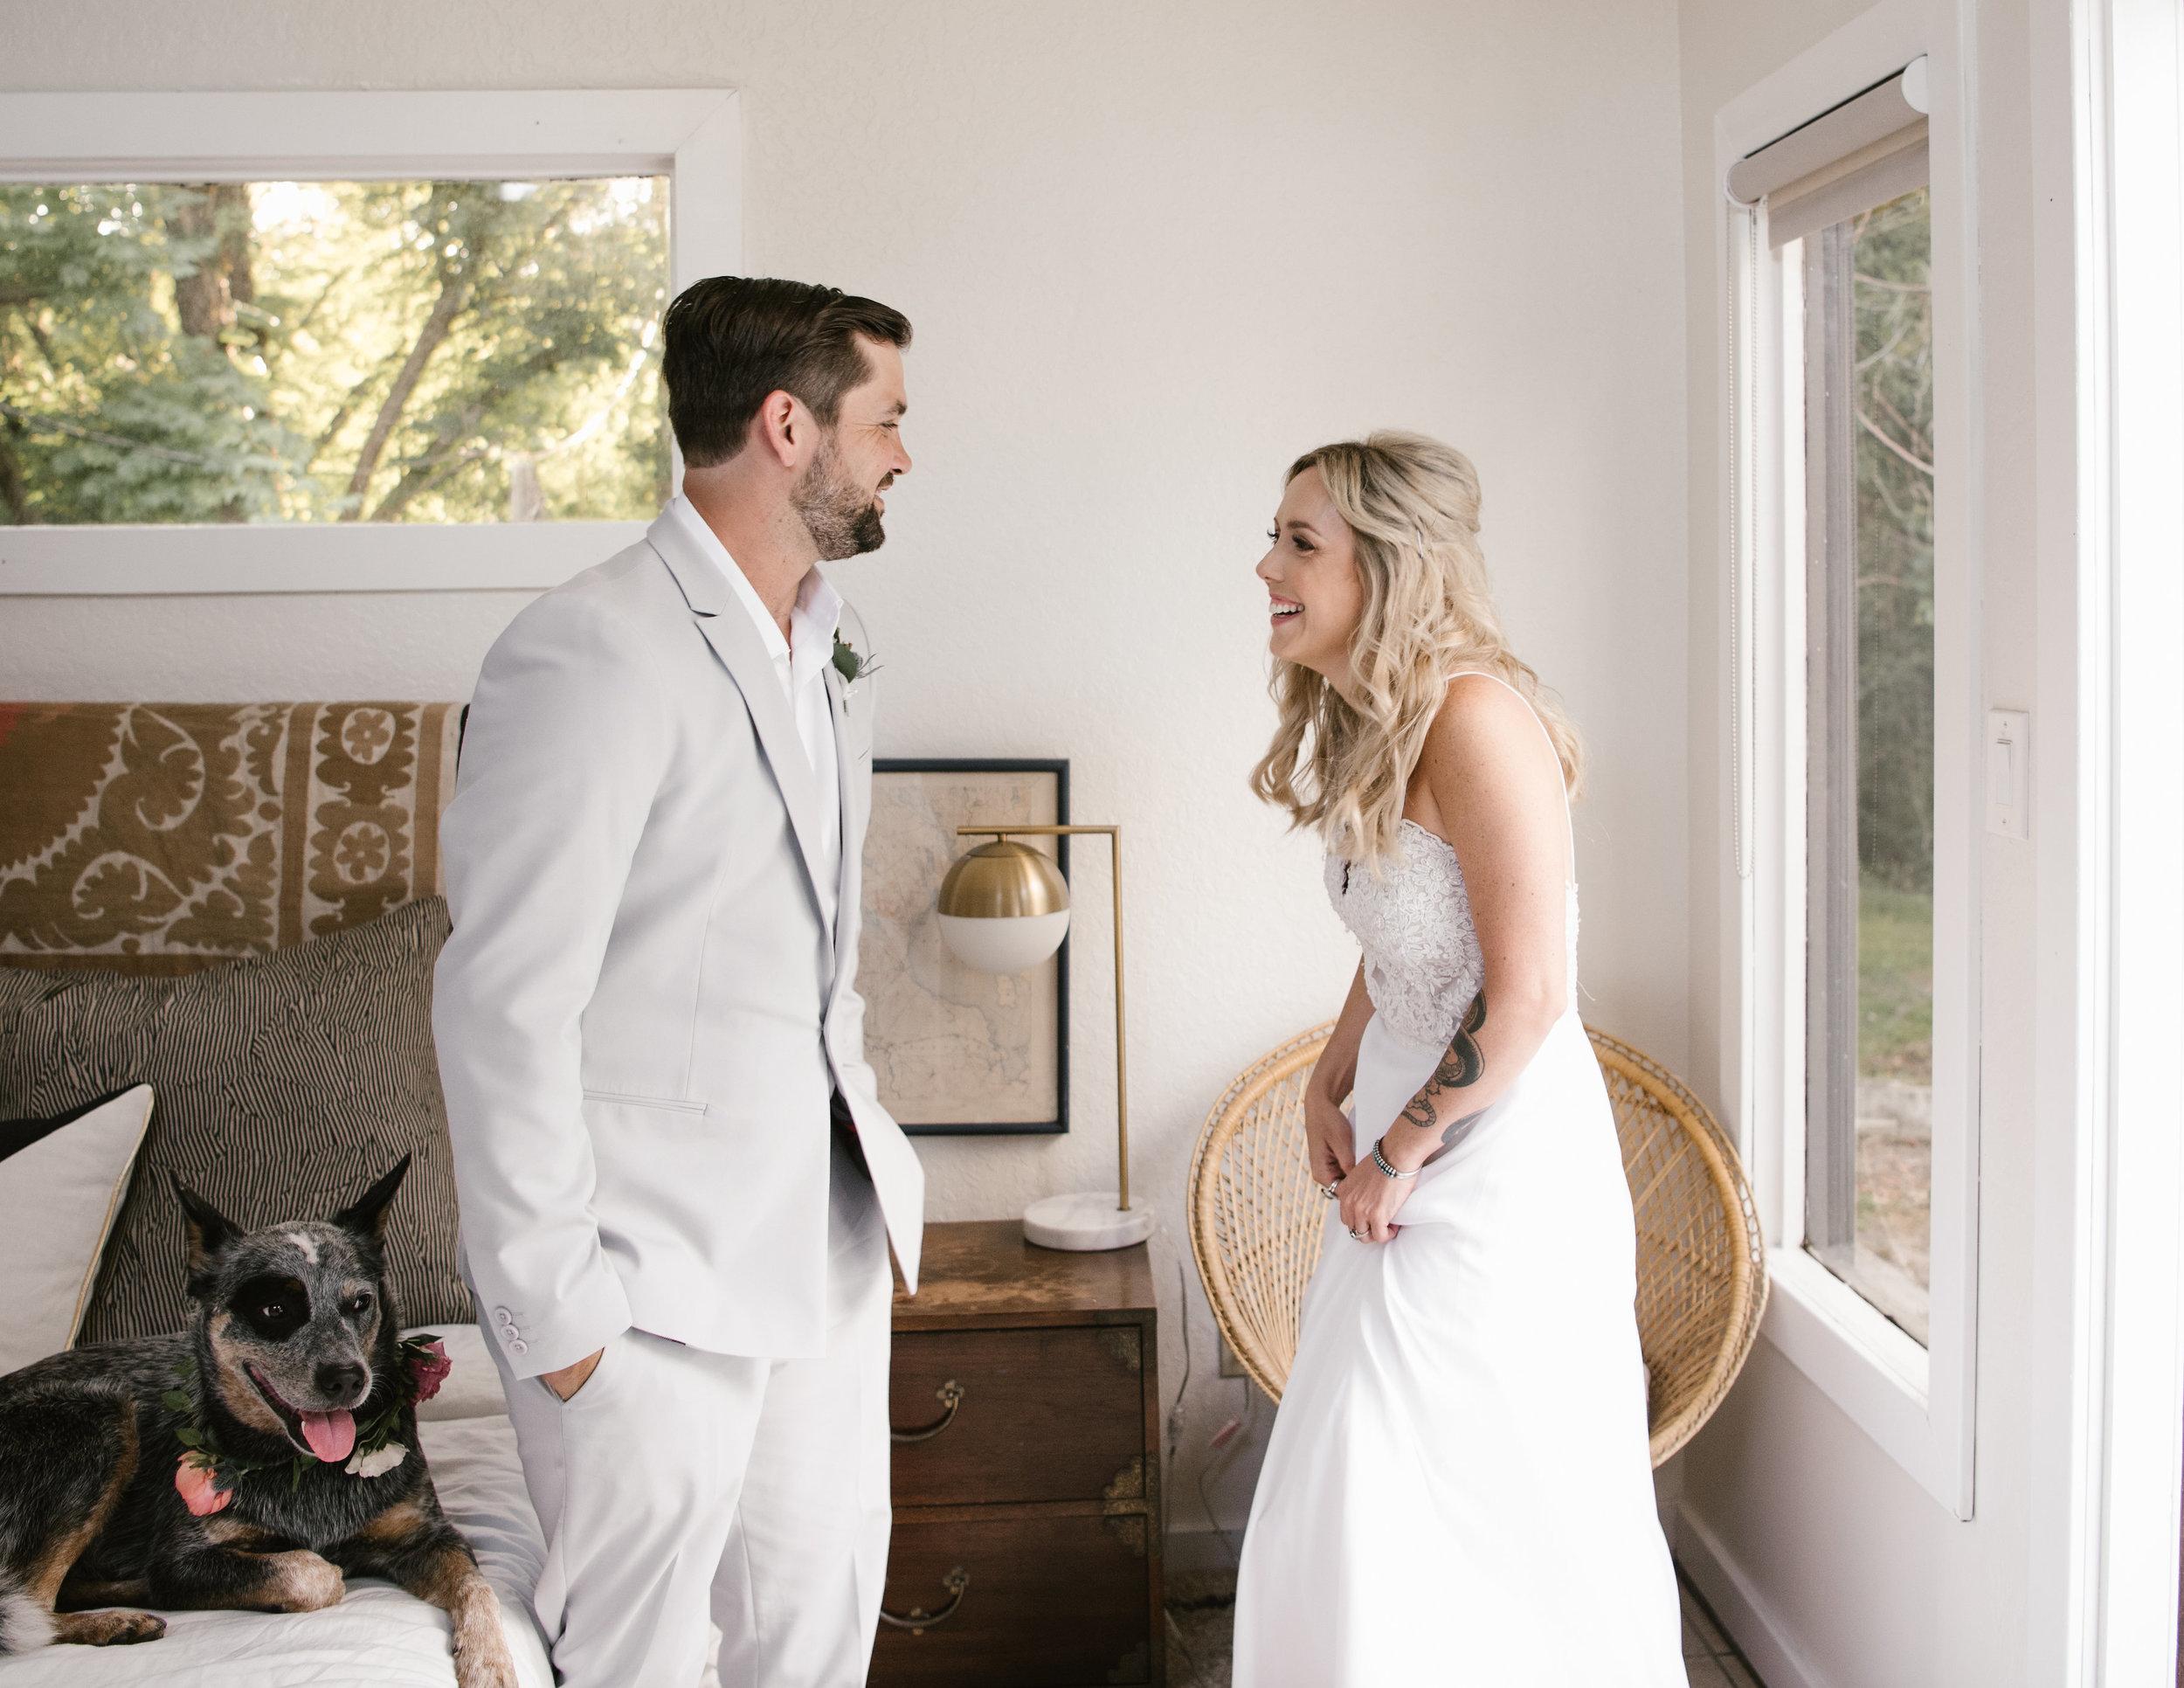 michelle-ronnie-backyard-wedding-339.jpg